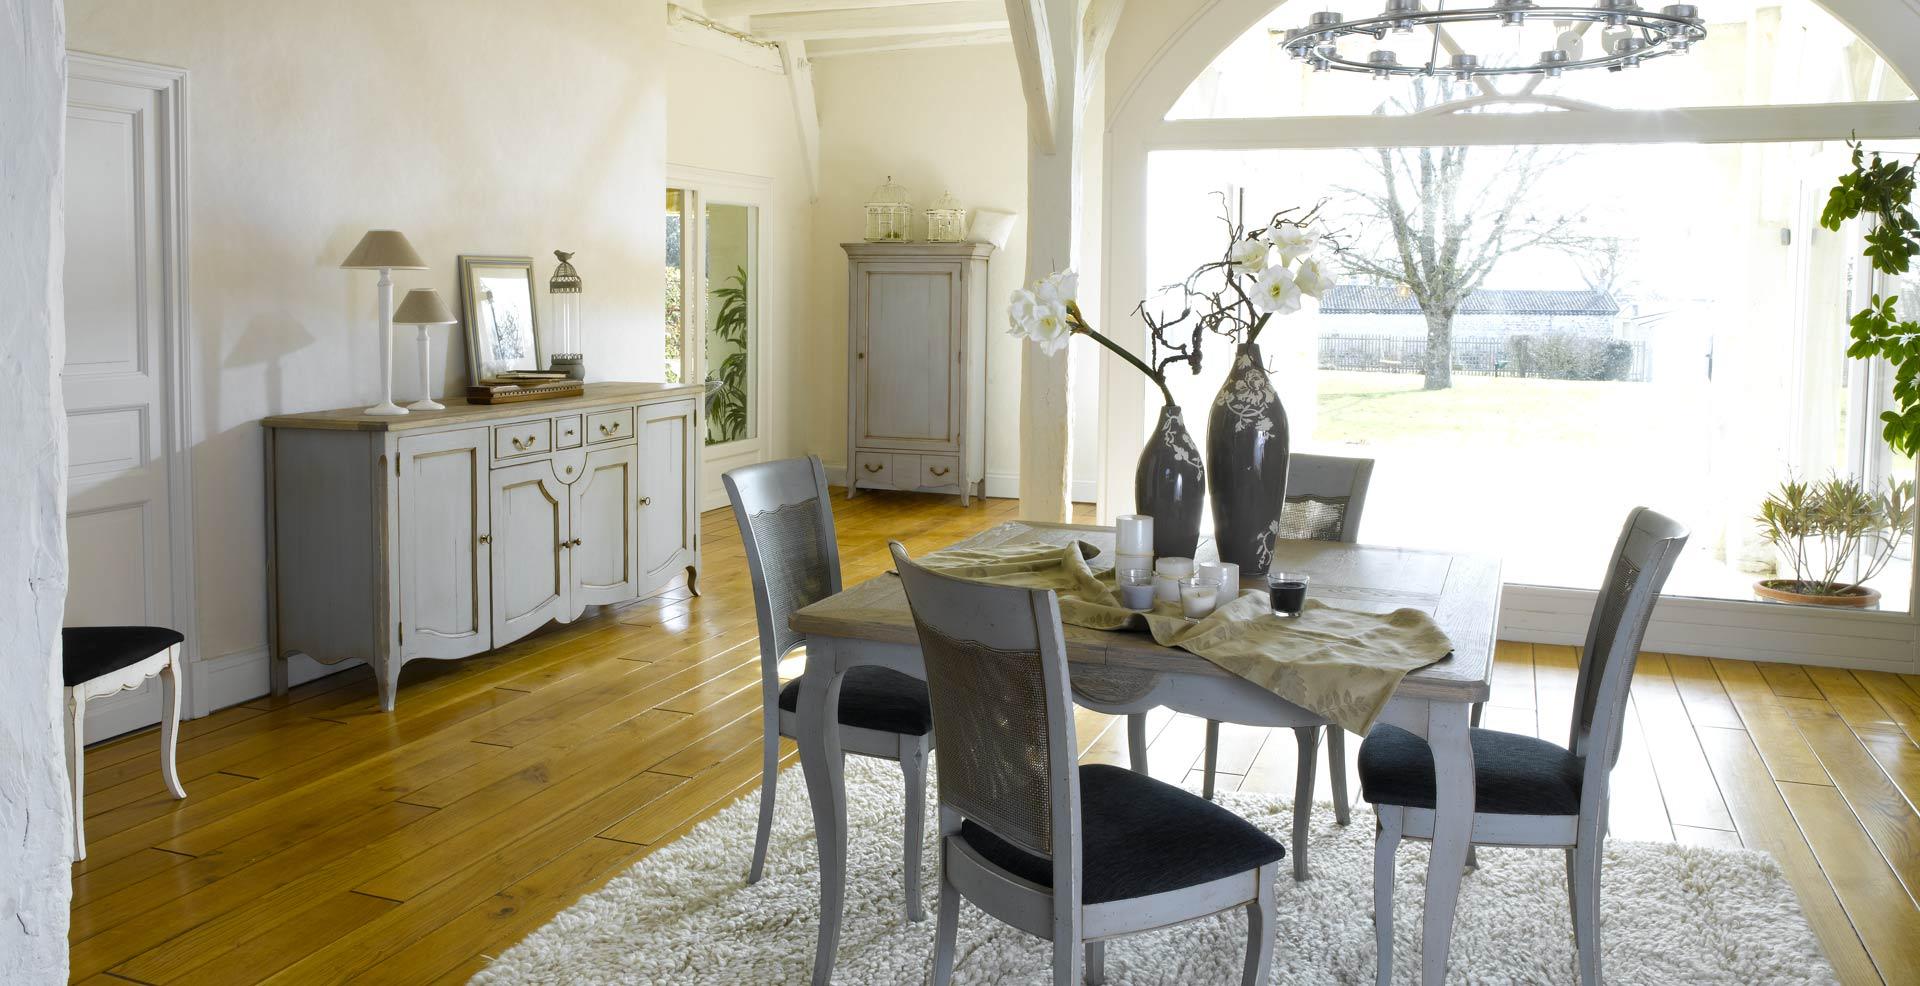 ambiance charme: tous les produits meubles duquesnoy